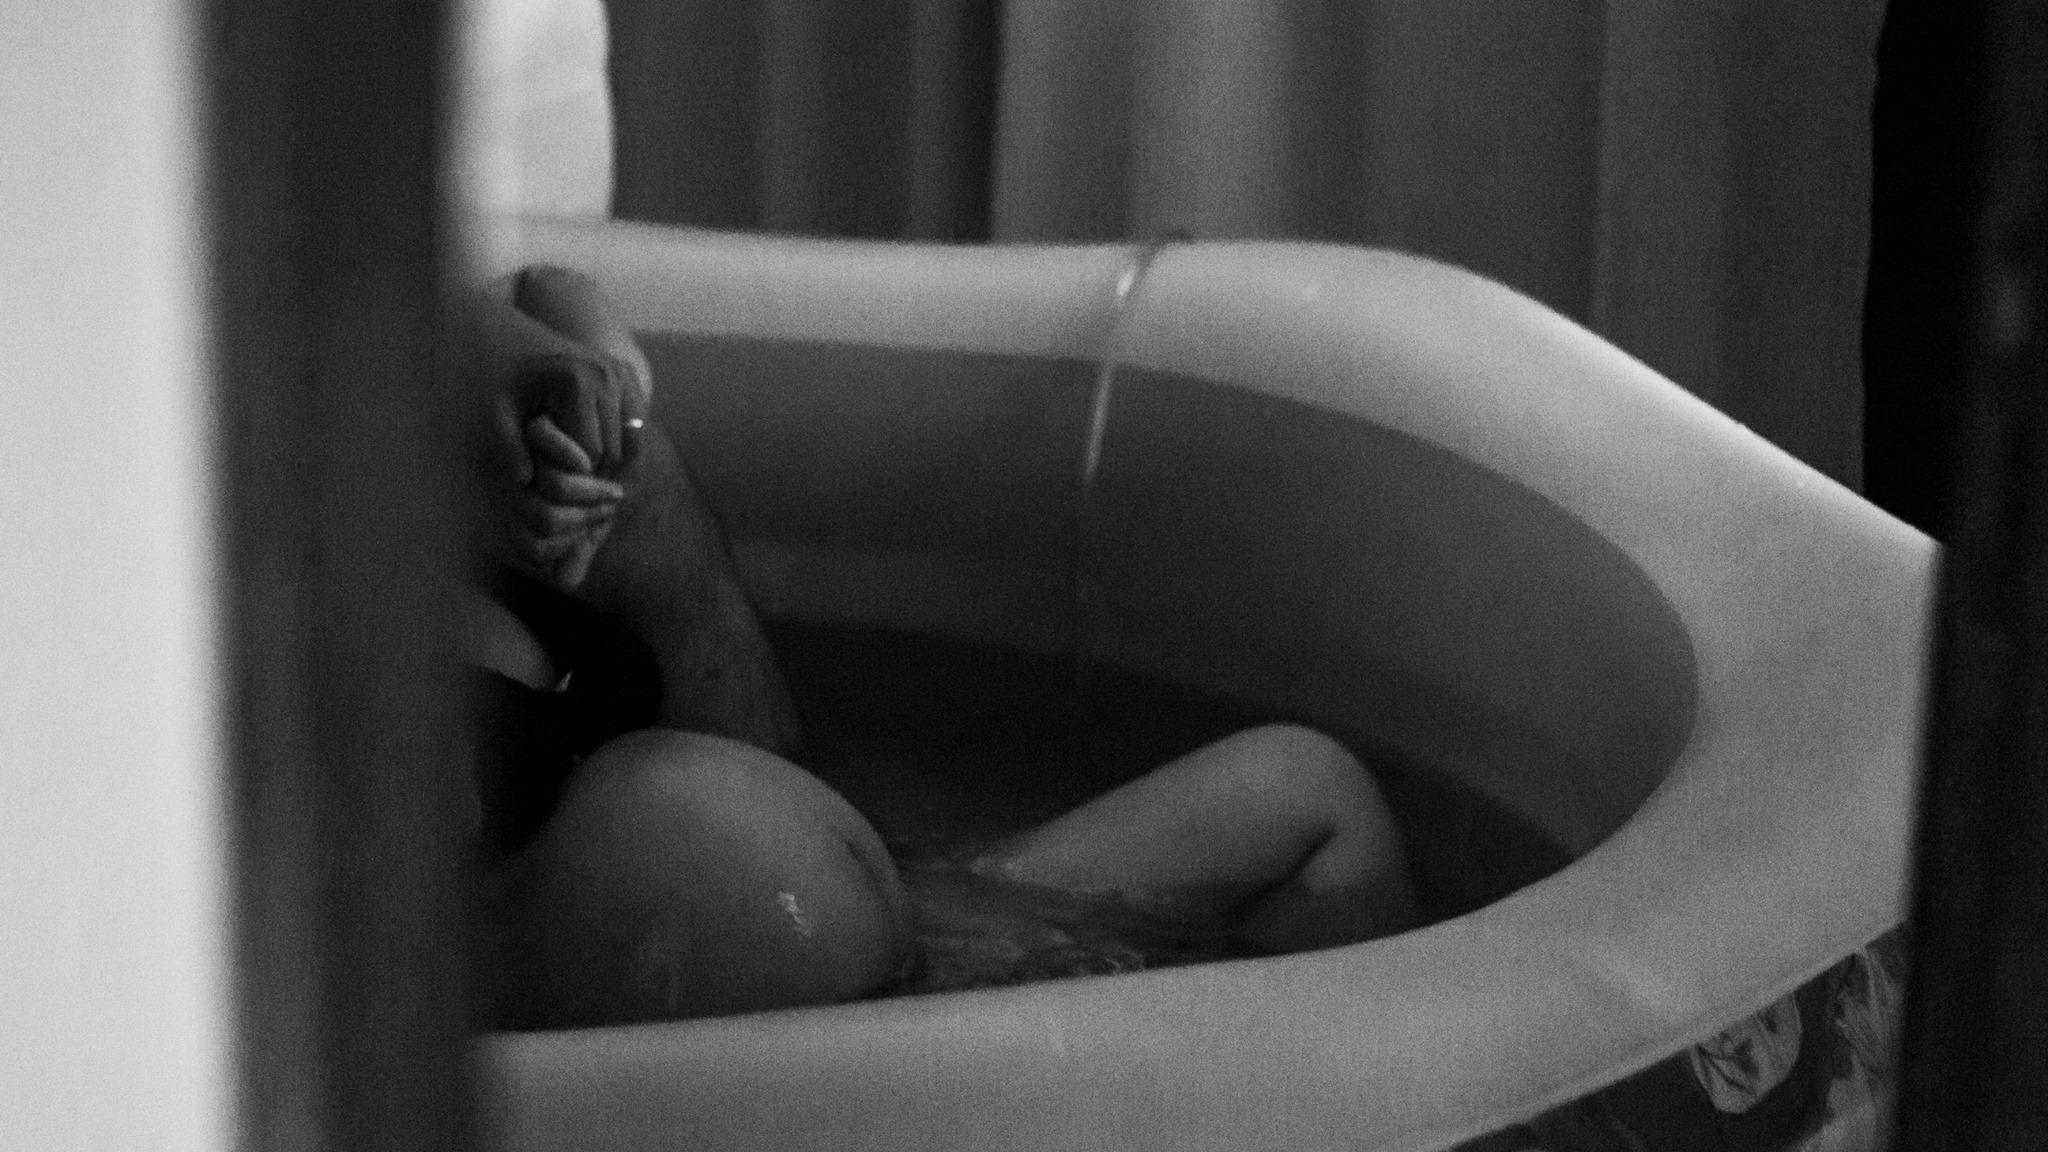 Parturiente entra na banheira montada em casa durante trabalho de parto (Foto: José Neto  - Fotografia Criativa)